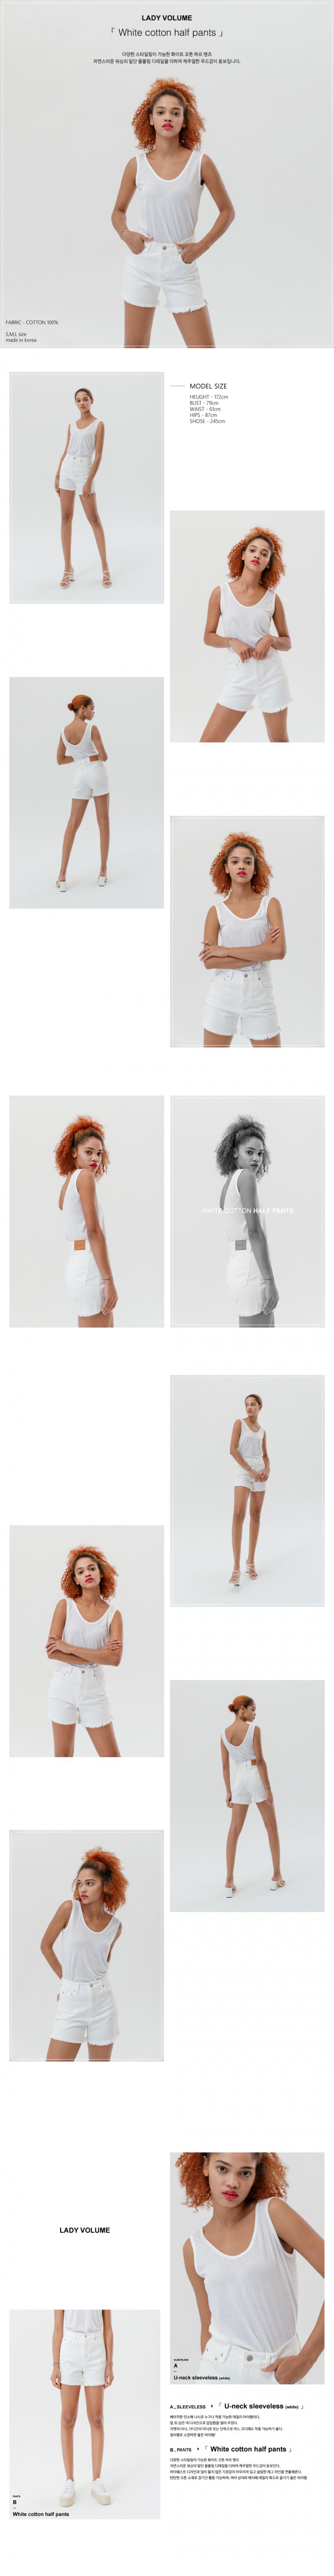 레이디 볼륨(LADY VOLUME) white cotton half pants